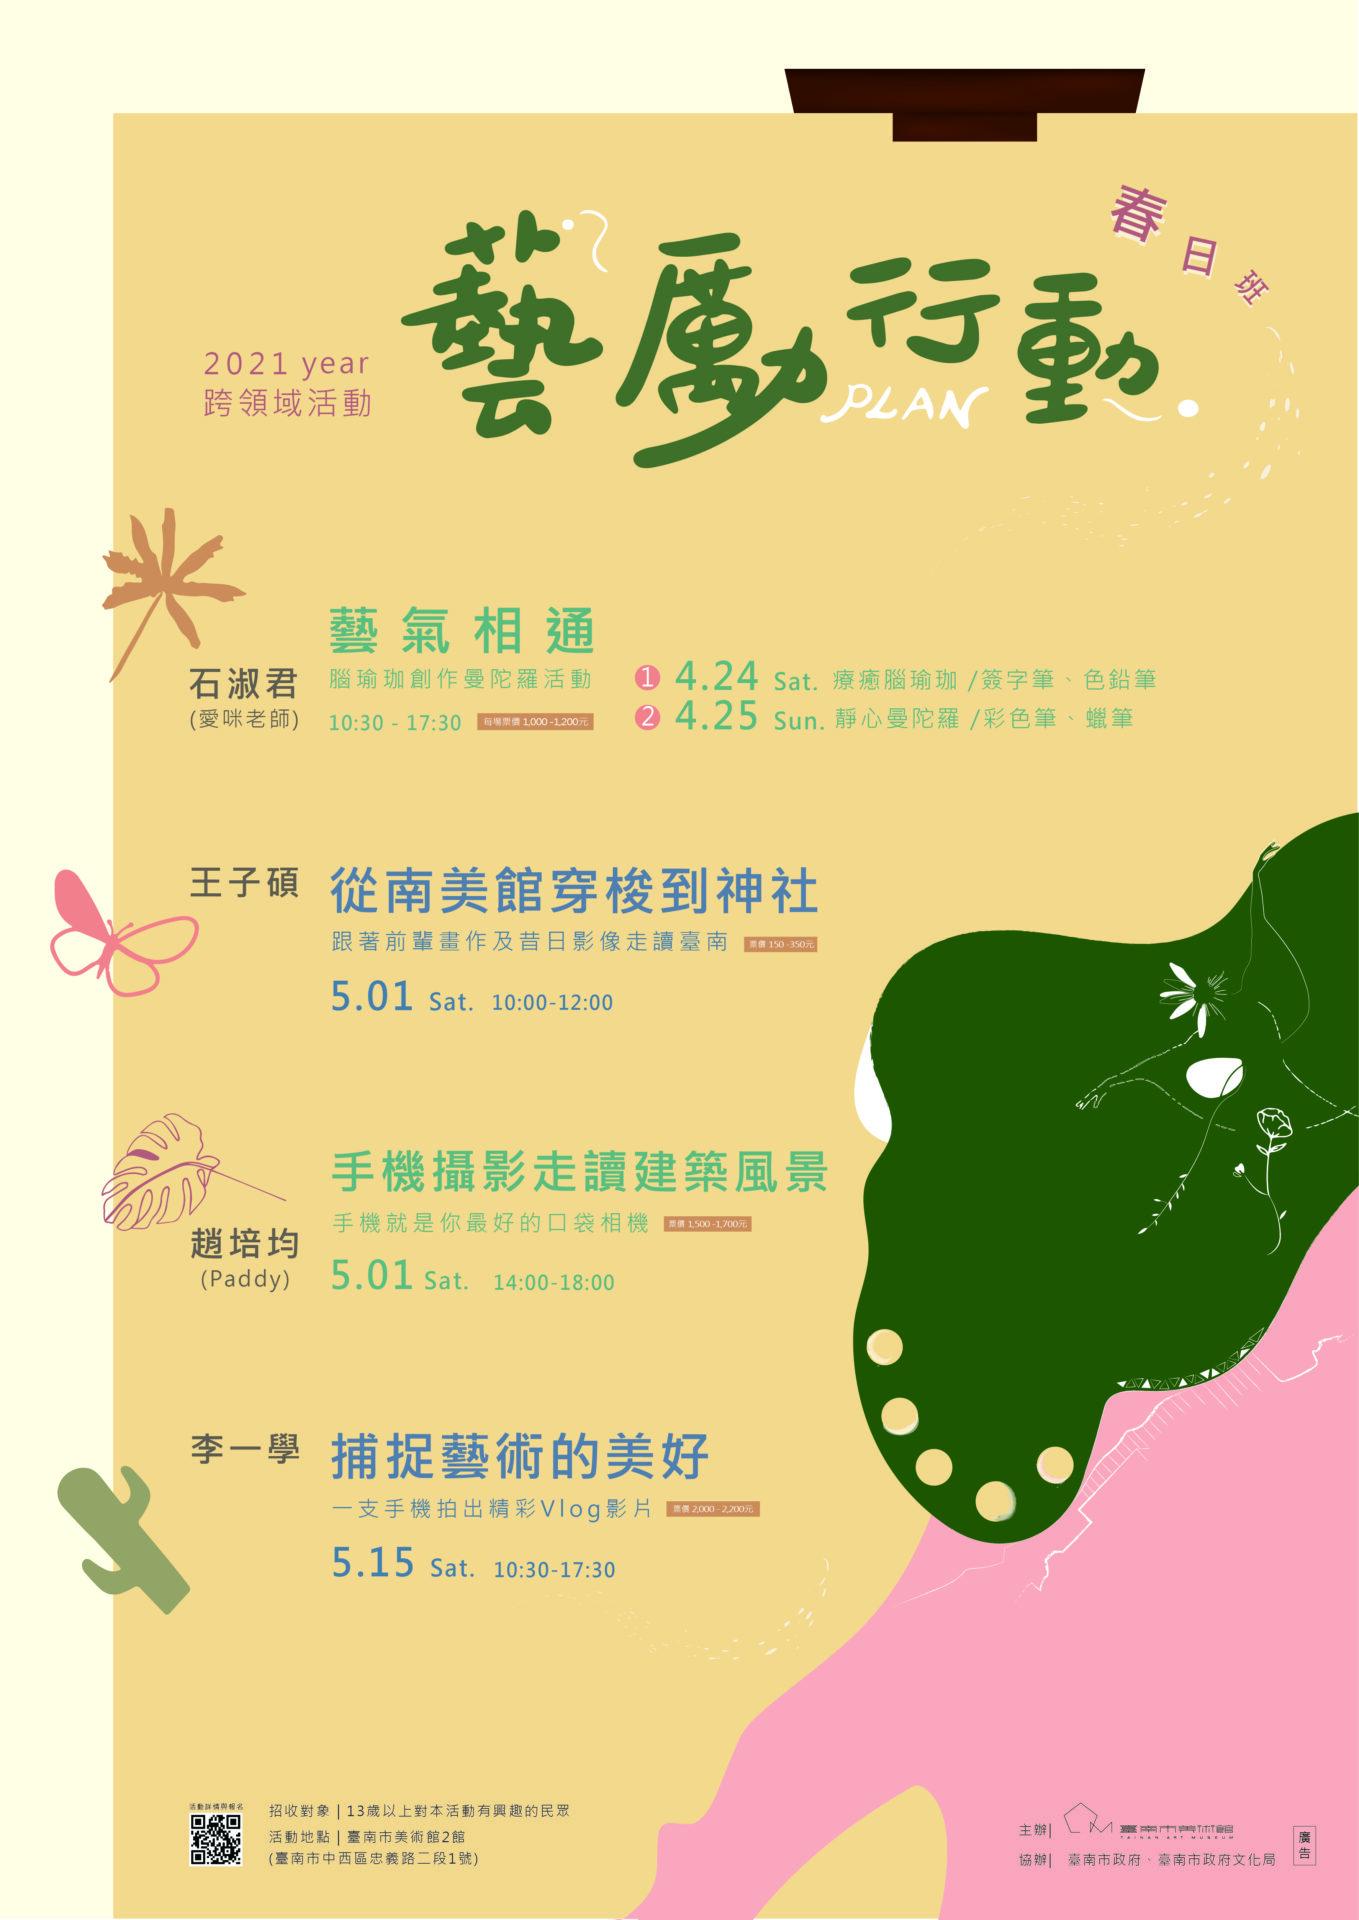 臺南市美術館:4/24、4/25、5/1、5/15【2021「藝勵行動計畫」跨領域活動】